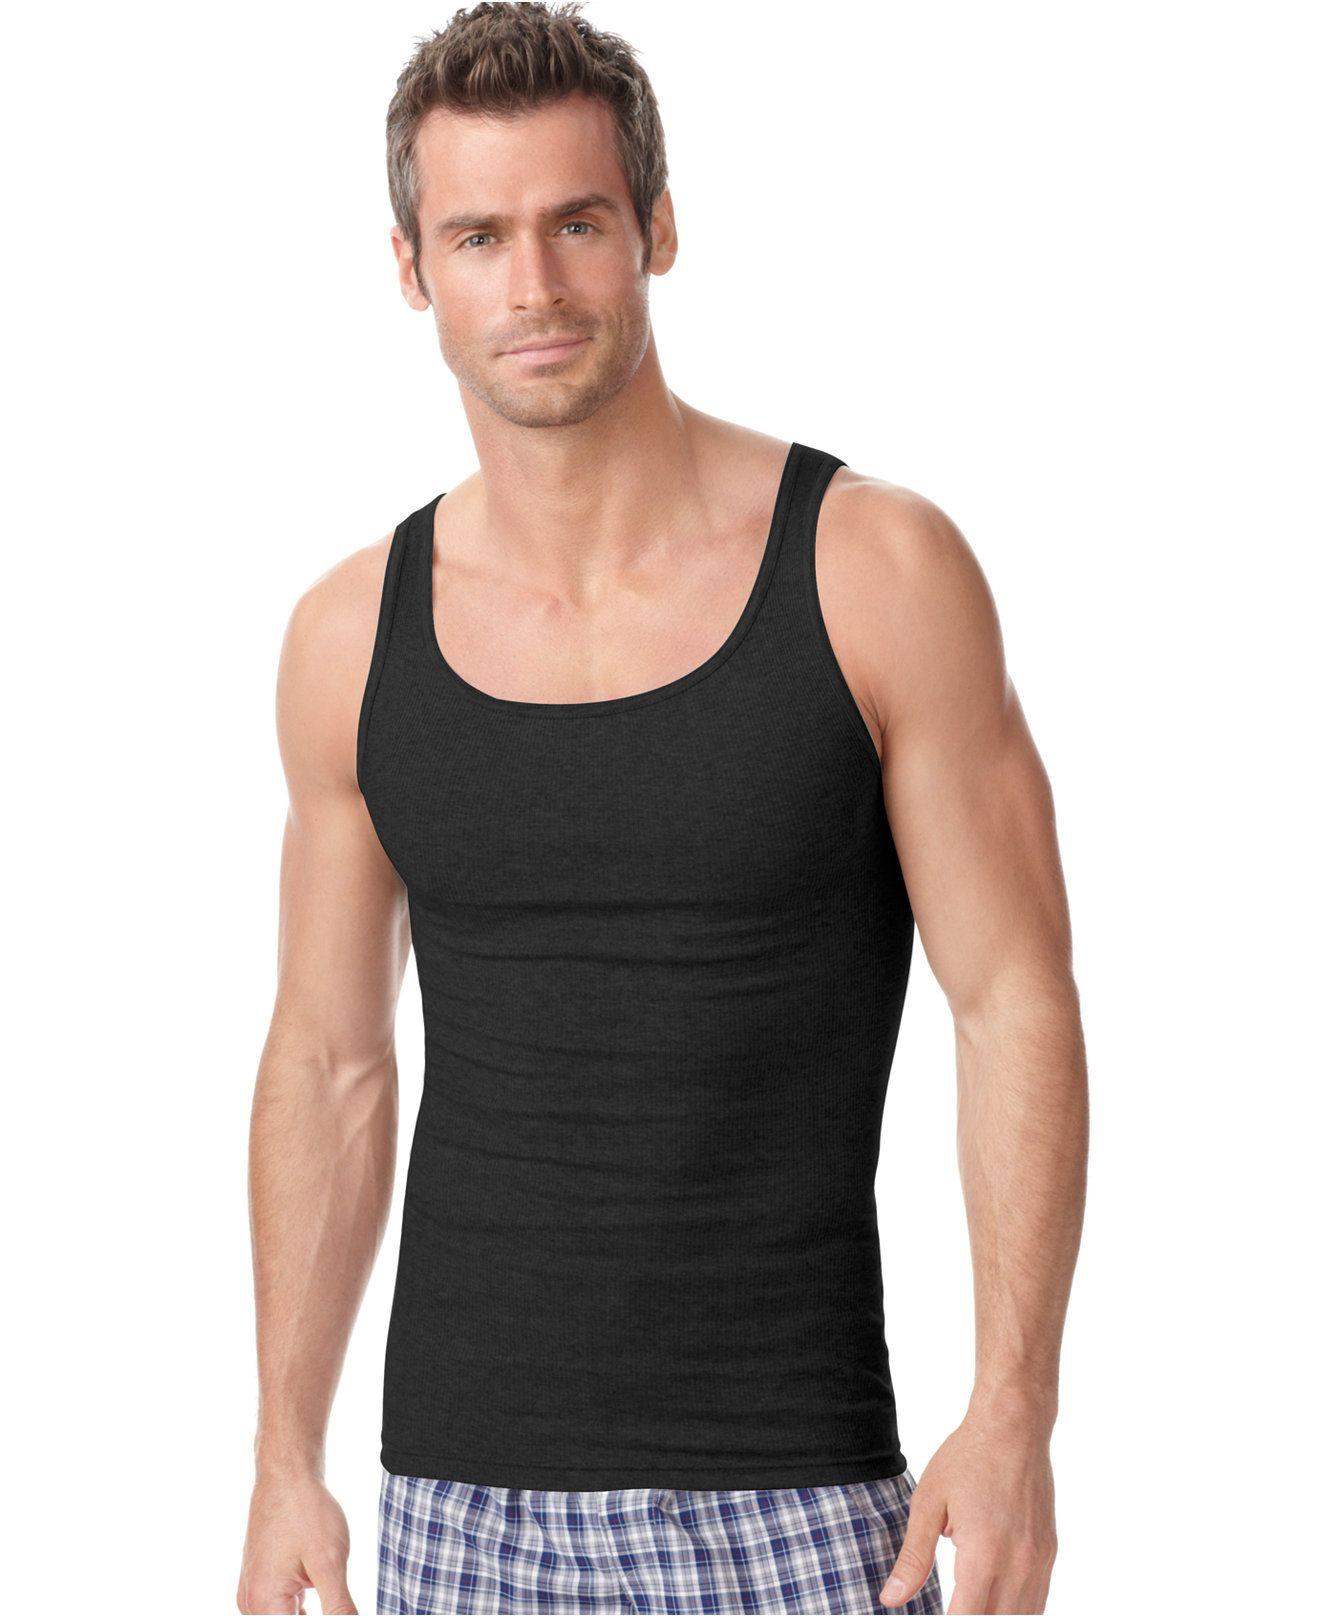 64414e460fccdd Alfani Men s Underwear